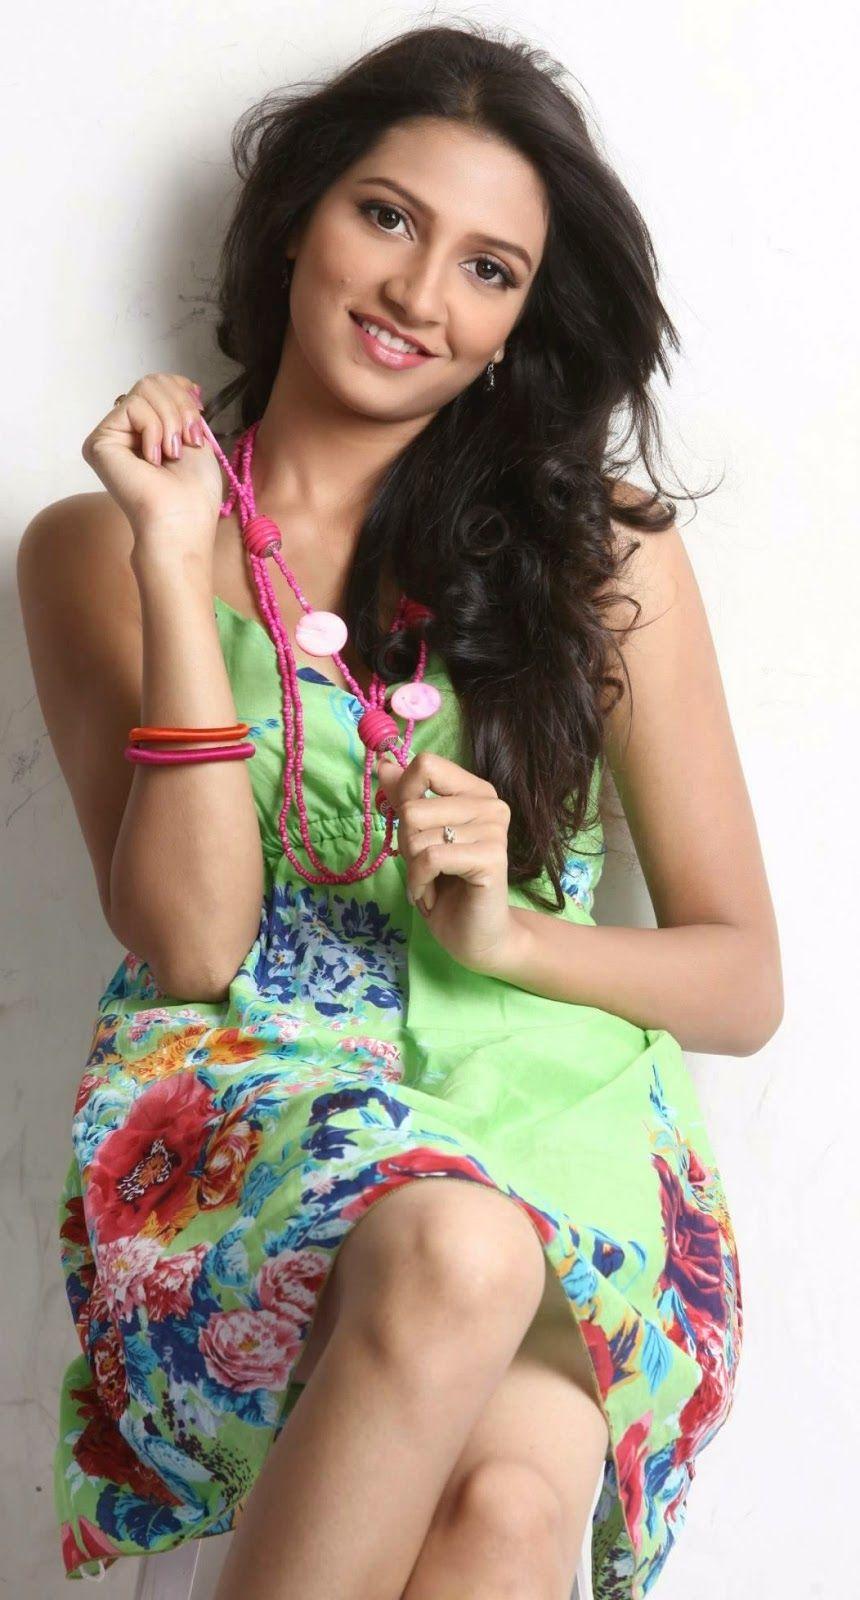 all indian heroine hot full photo এর চিত্র ফলাফল | faruk